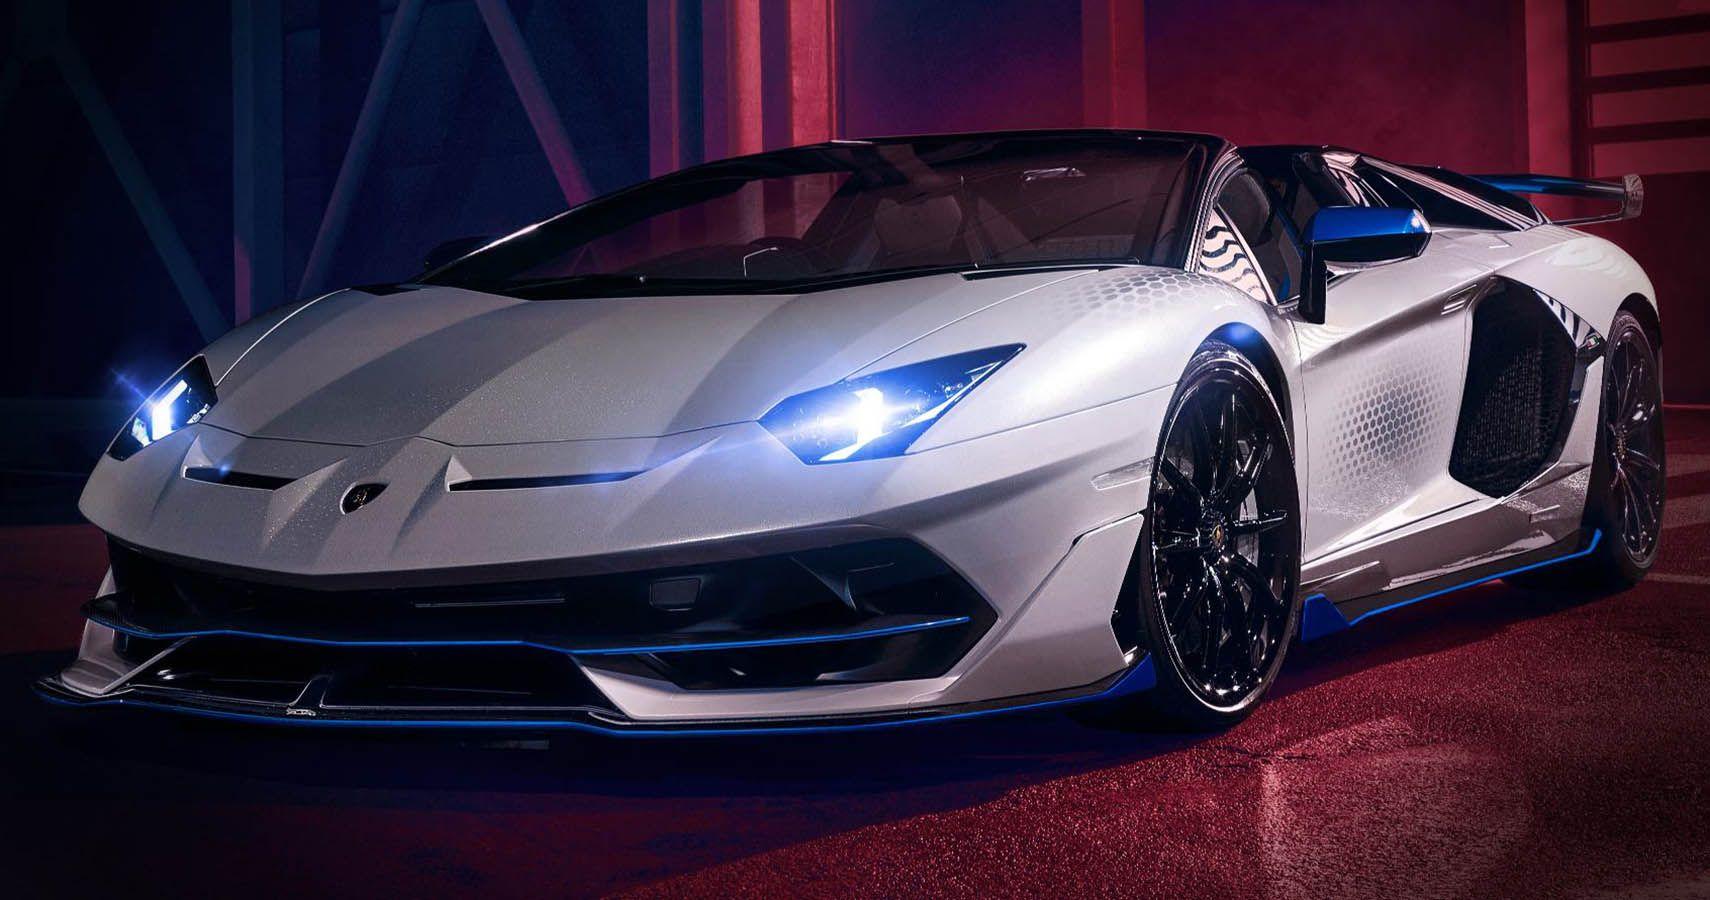 10 Insane Facts About Lamborghini's Special Edition Aventador SVJ Xago